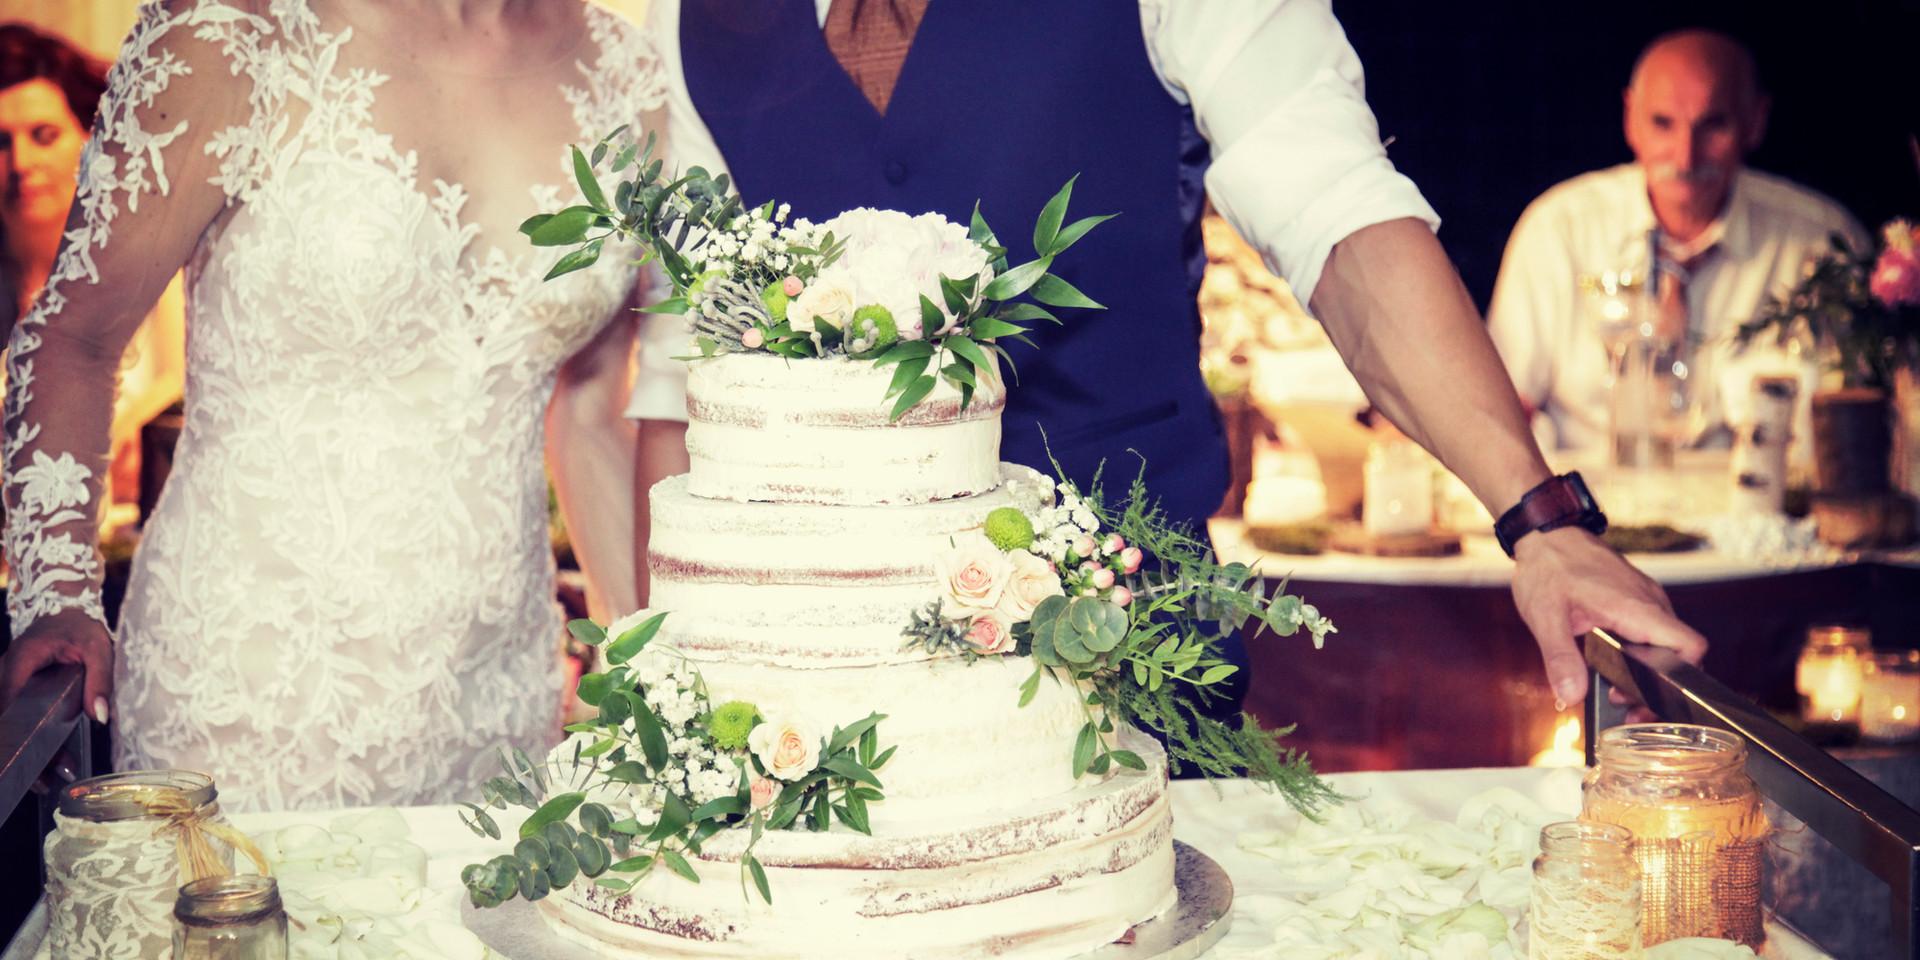 Menyassszonyi torta